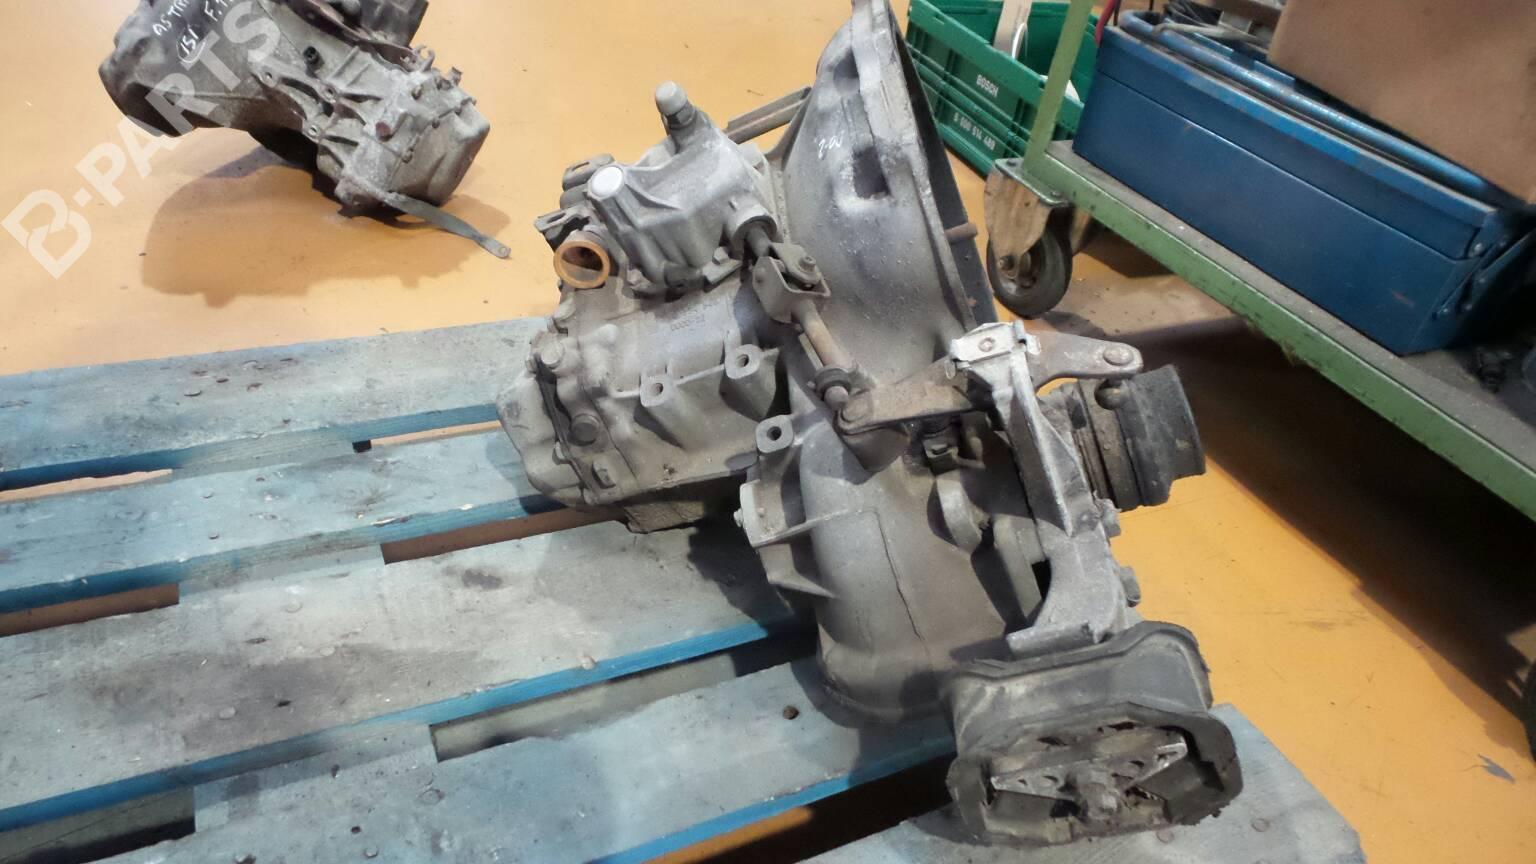 manual gearbox opel astra f 56 57 1 7 td 31981 rh b parts com Piese Auto Opel Astra F Dezmembrari Opel Astra F Caravan